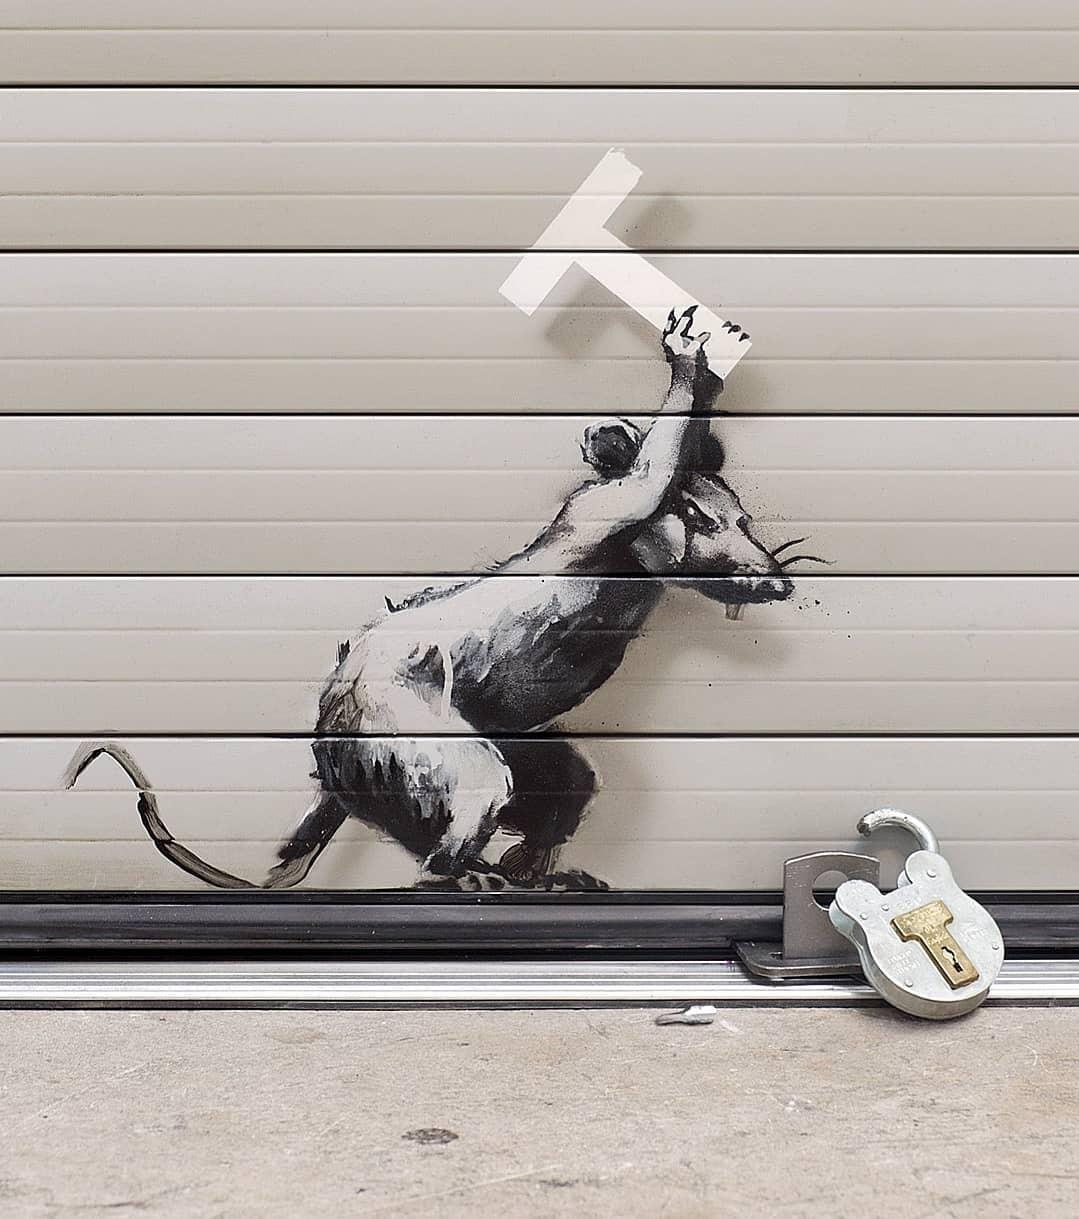 Banksy revela nova obra anti-Brexit em Londres (Foto: Divulgação)